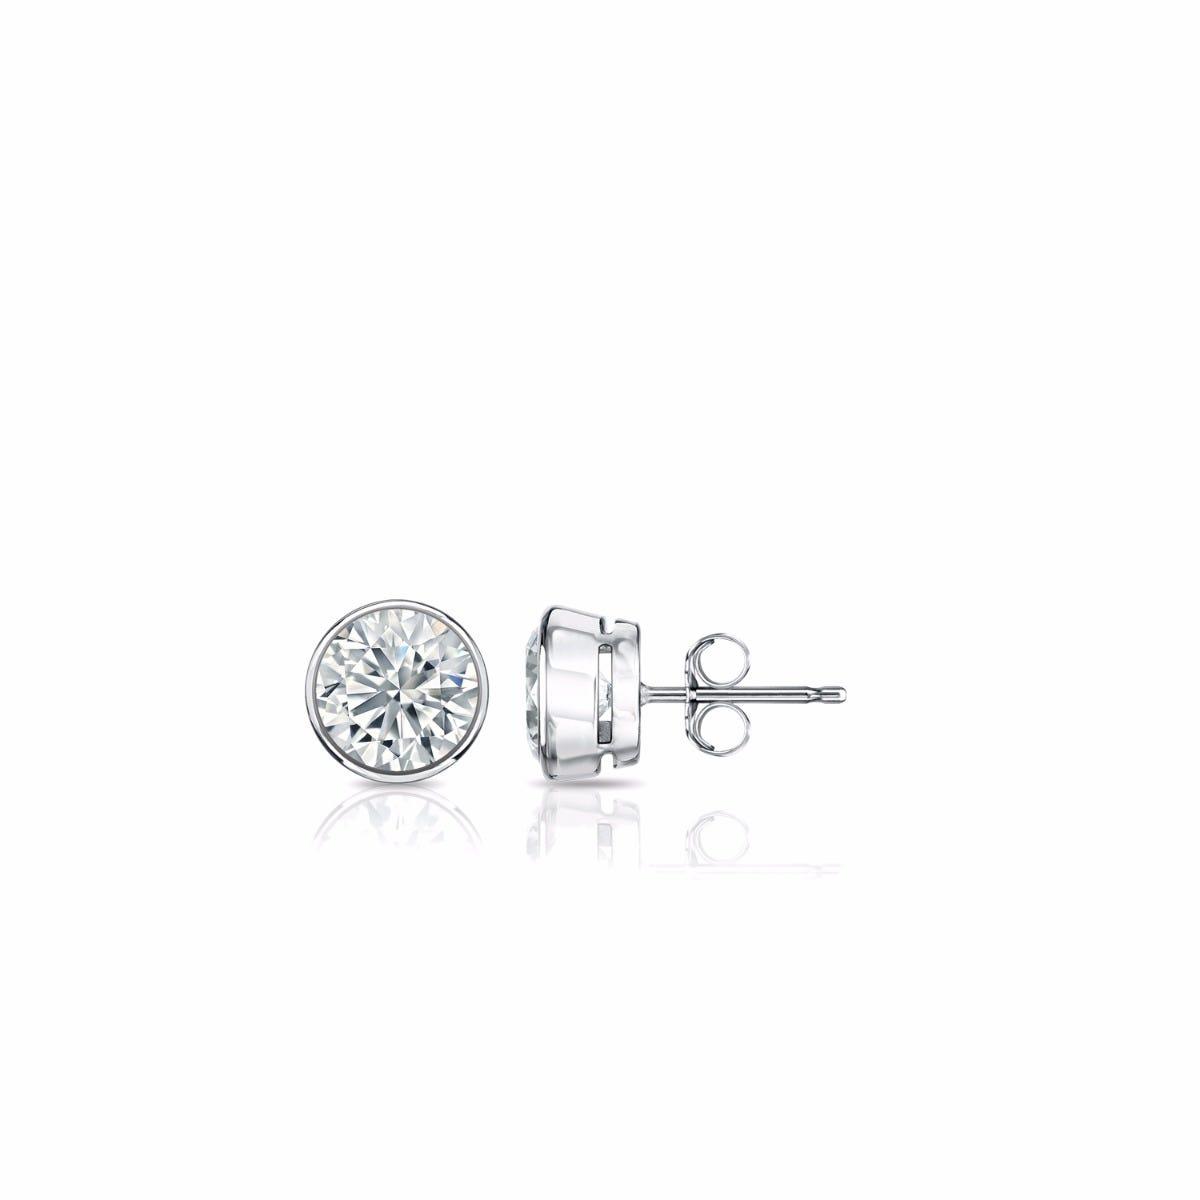 Bezel-Set Round 1/6ctw. Diamond Solitaire Stud Earrings (IJ, I2) in 14K White Gold